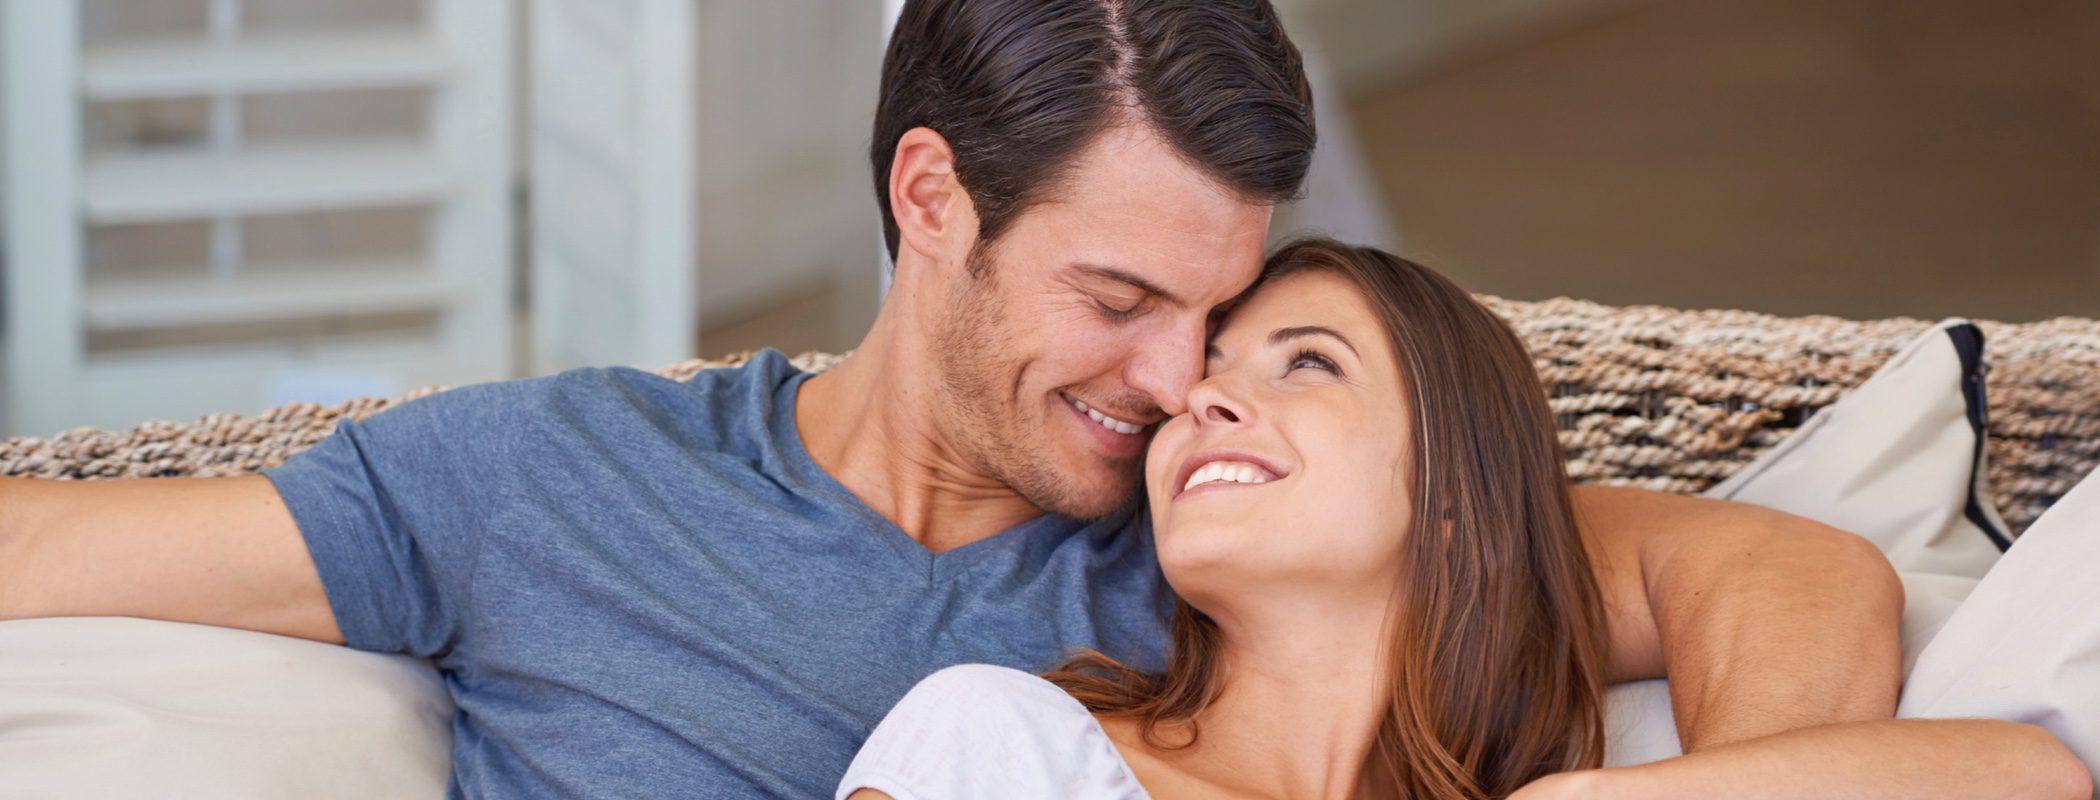 ¿Cuándo llega el momento de decir 'te quiero' a tu pareja?